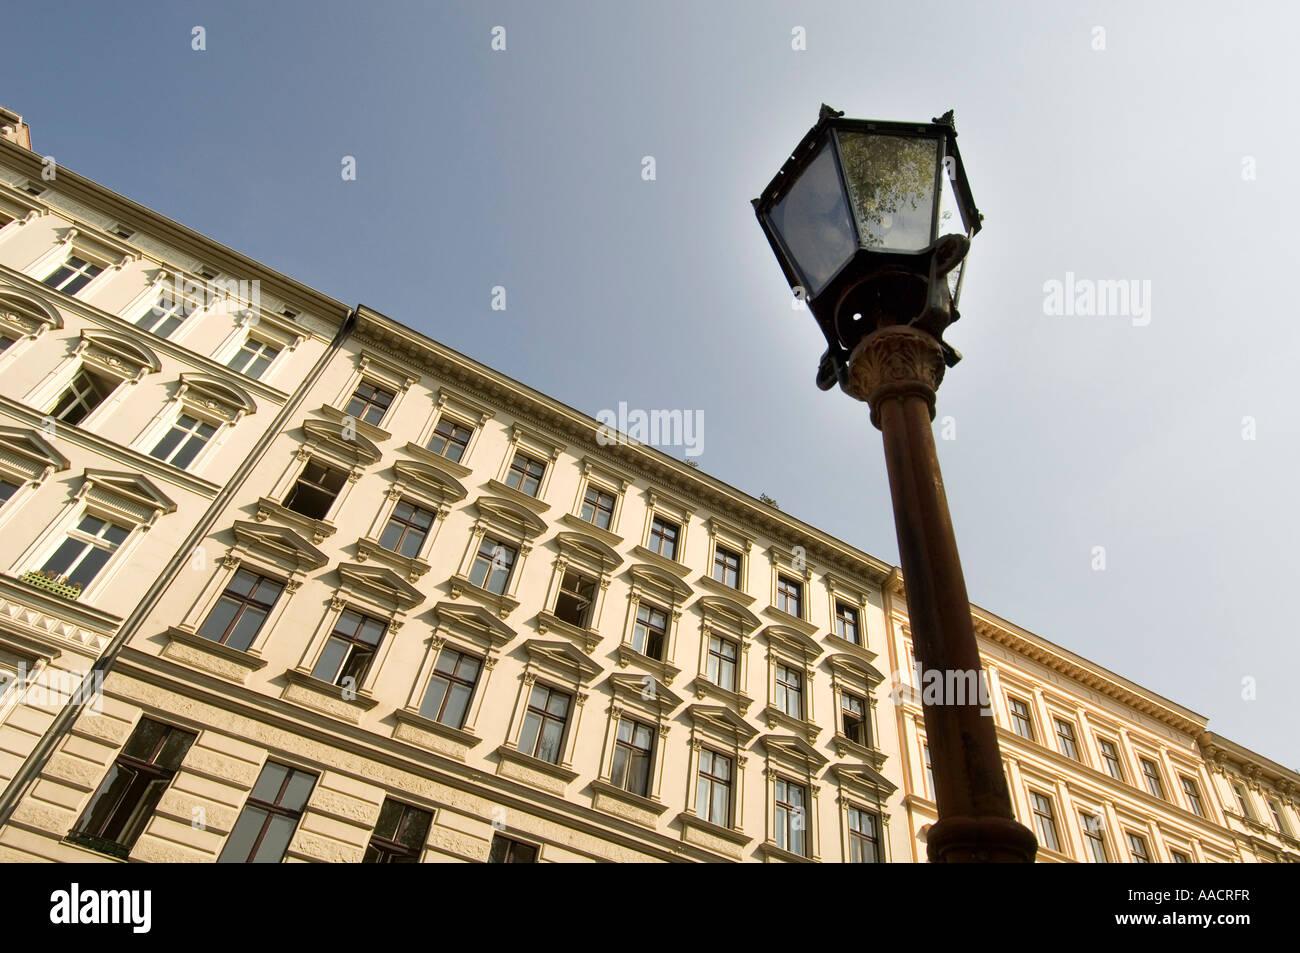 Fachadas de edificios antiguos, Kreuzberg, Berlín, Alemania Imagen De Stock